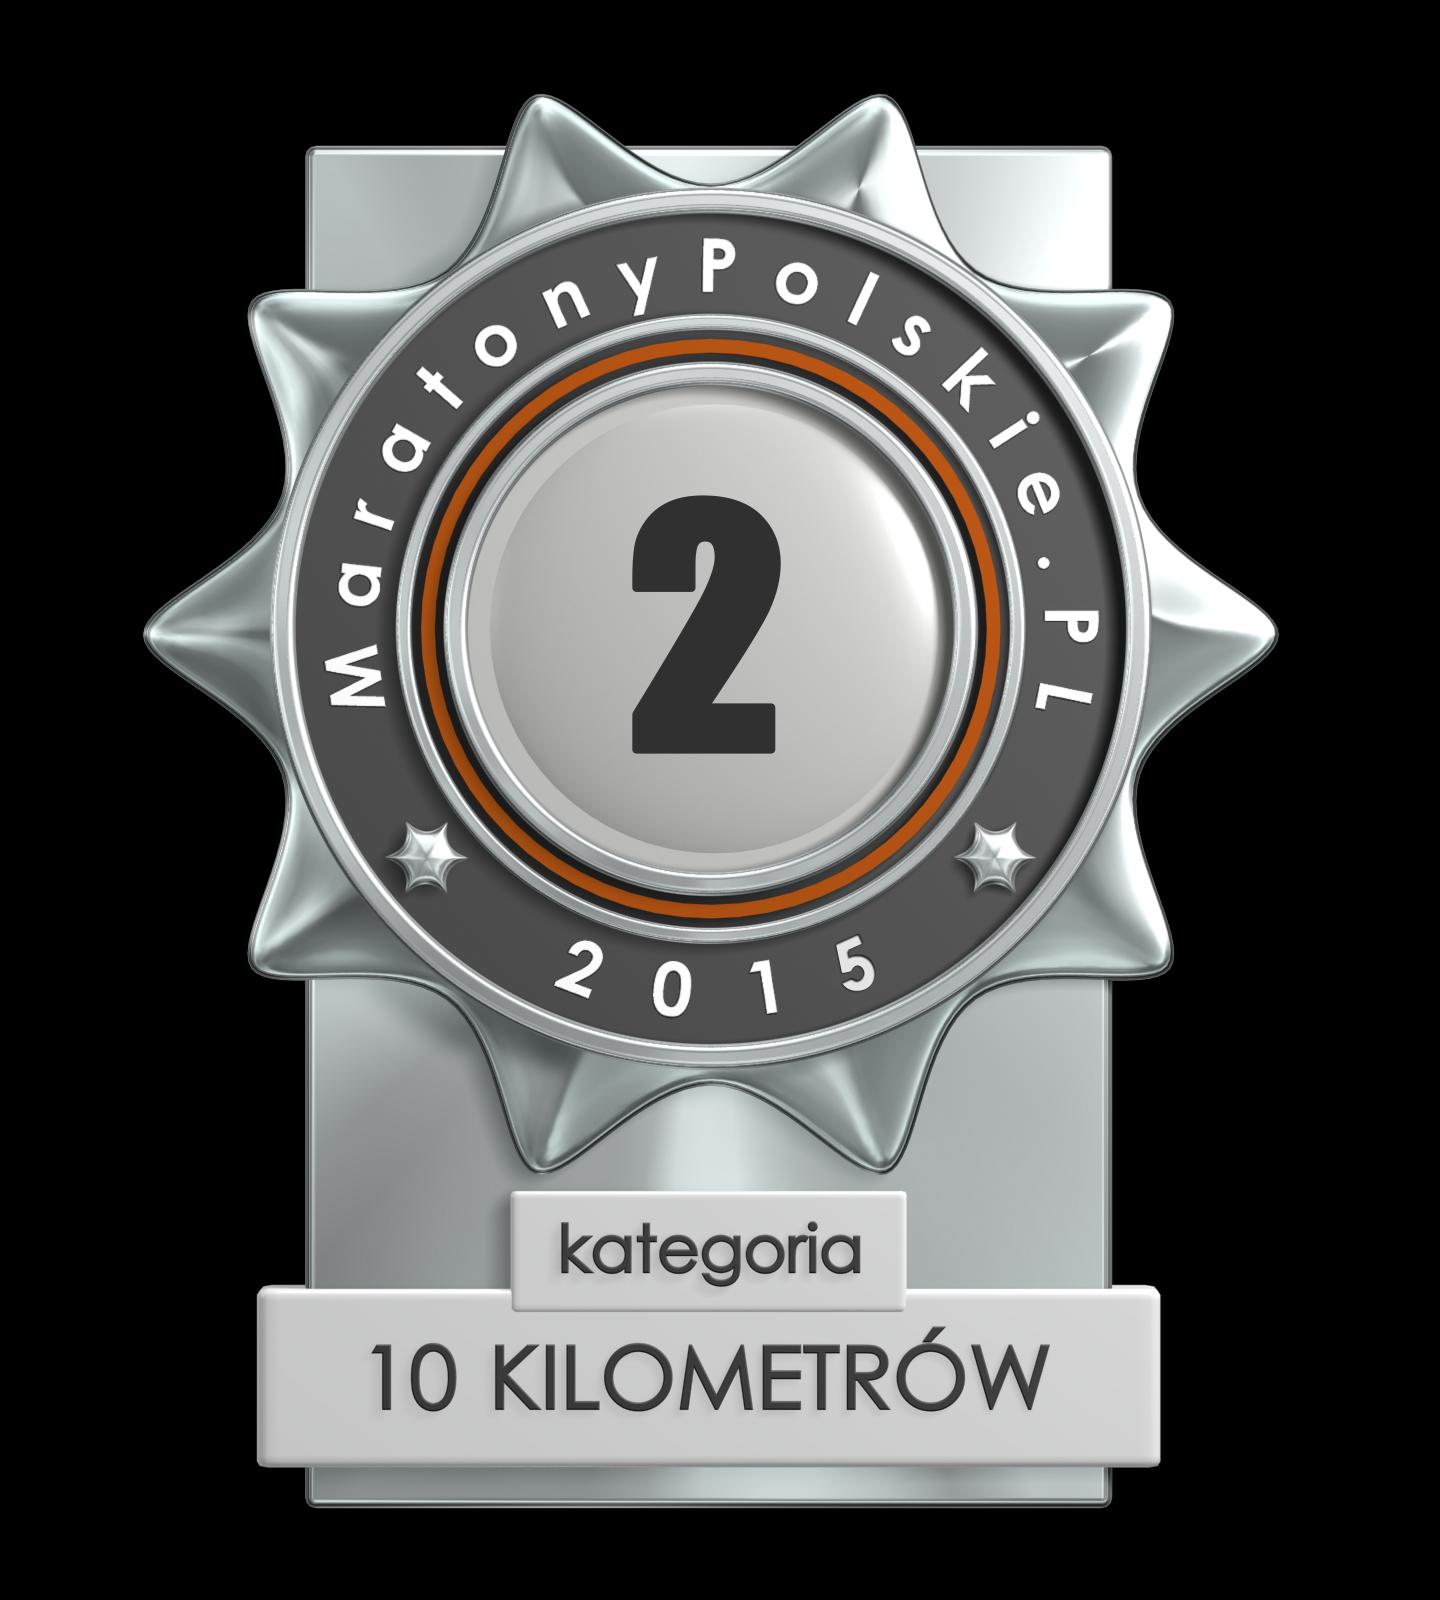 kat1-10km_00002